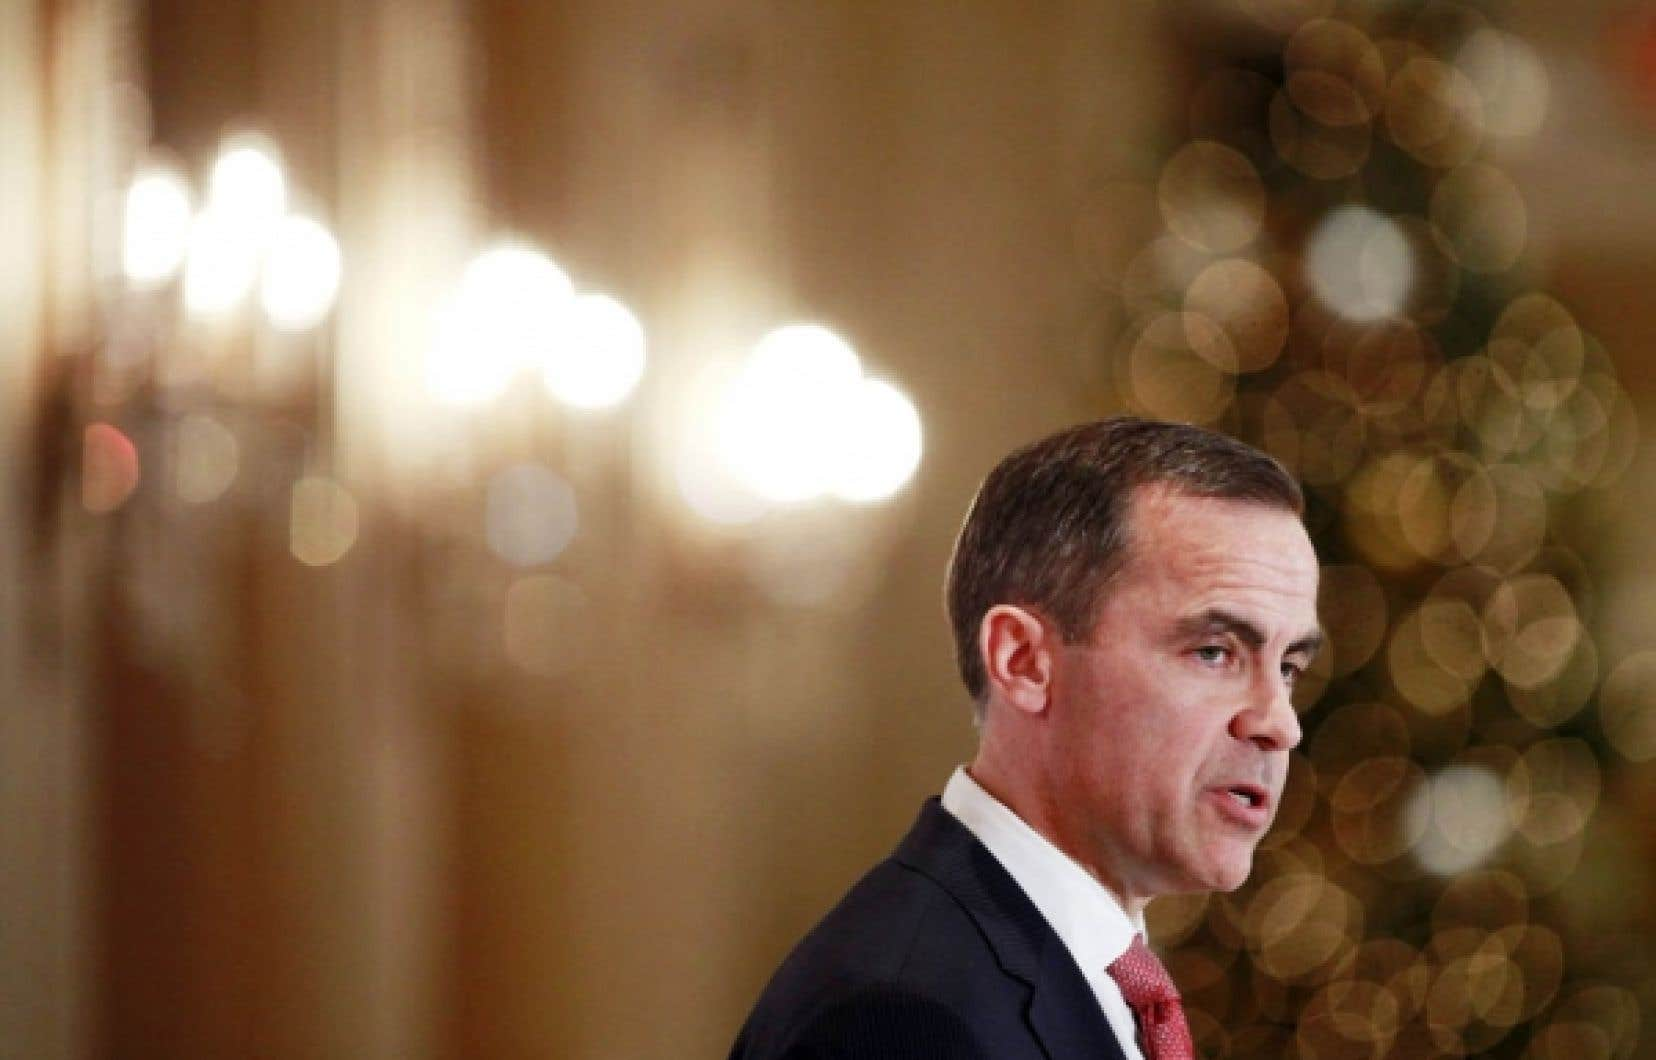 Le gouverneur de la Banque du Canada, Mark Carney, prononçait hier une allocution devant le National Forum.